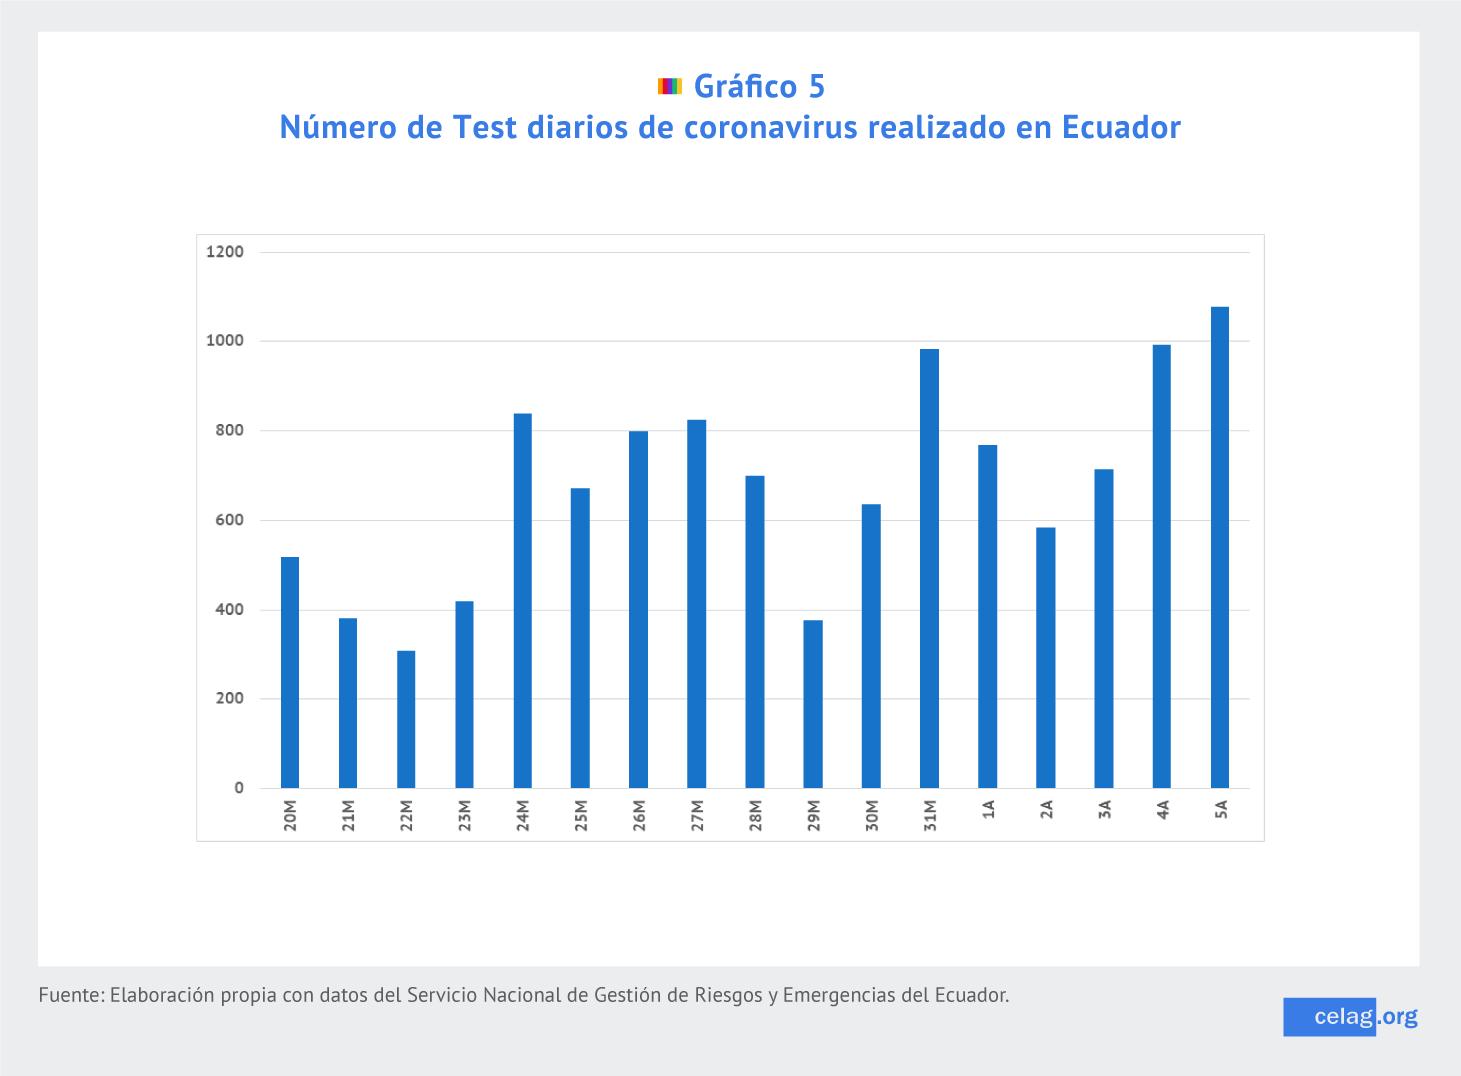 Número de tests diarios. Ecuador.